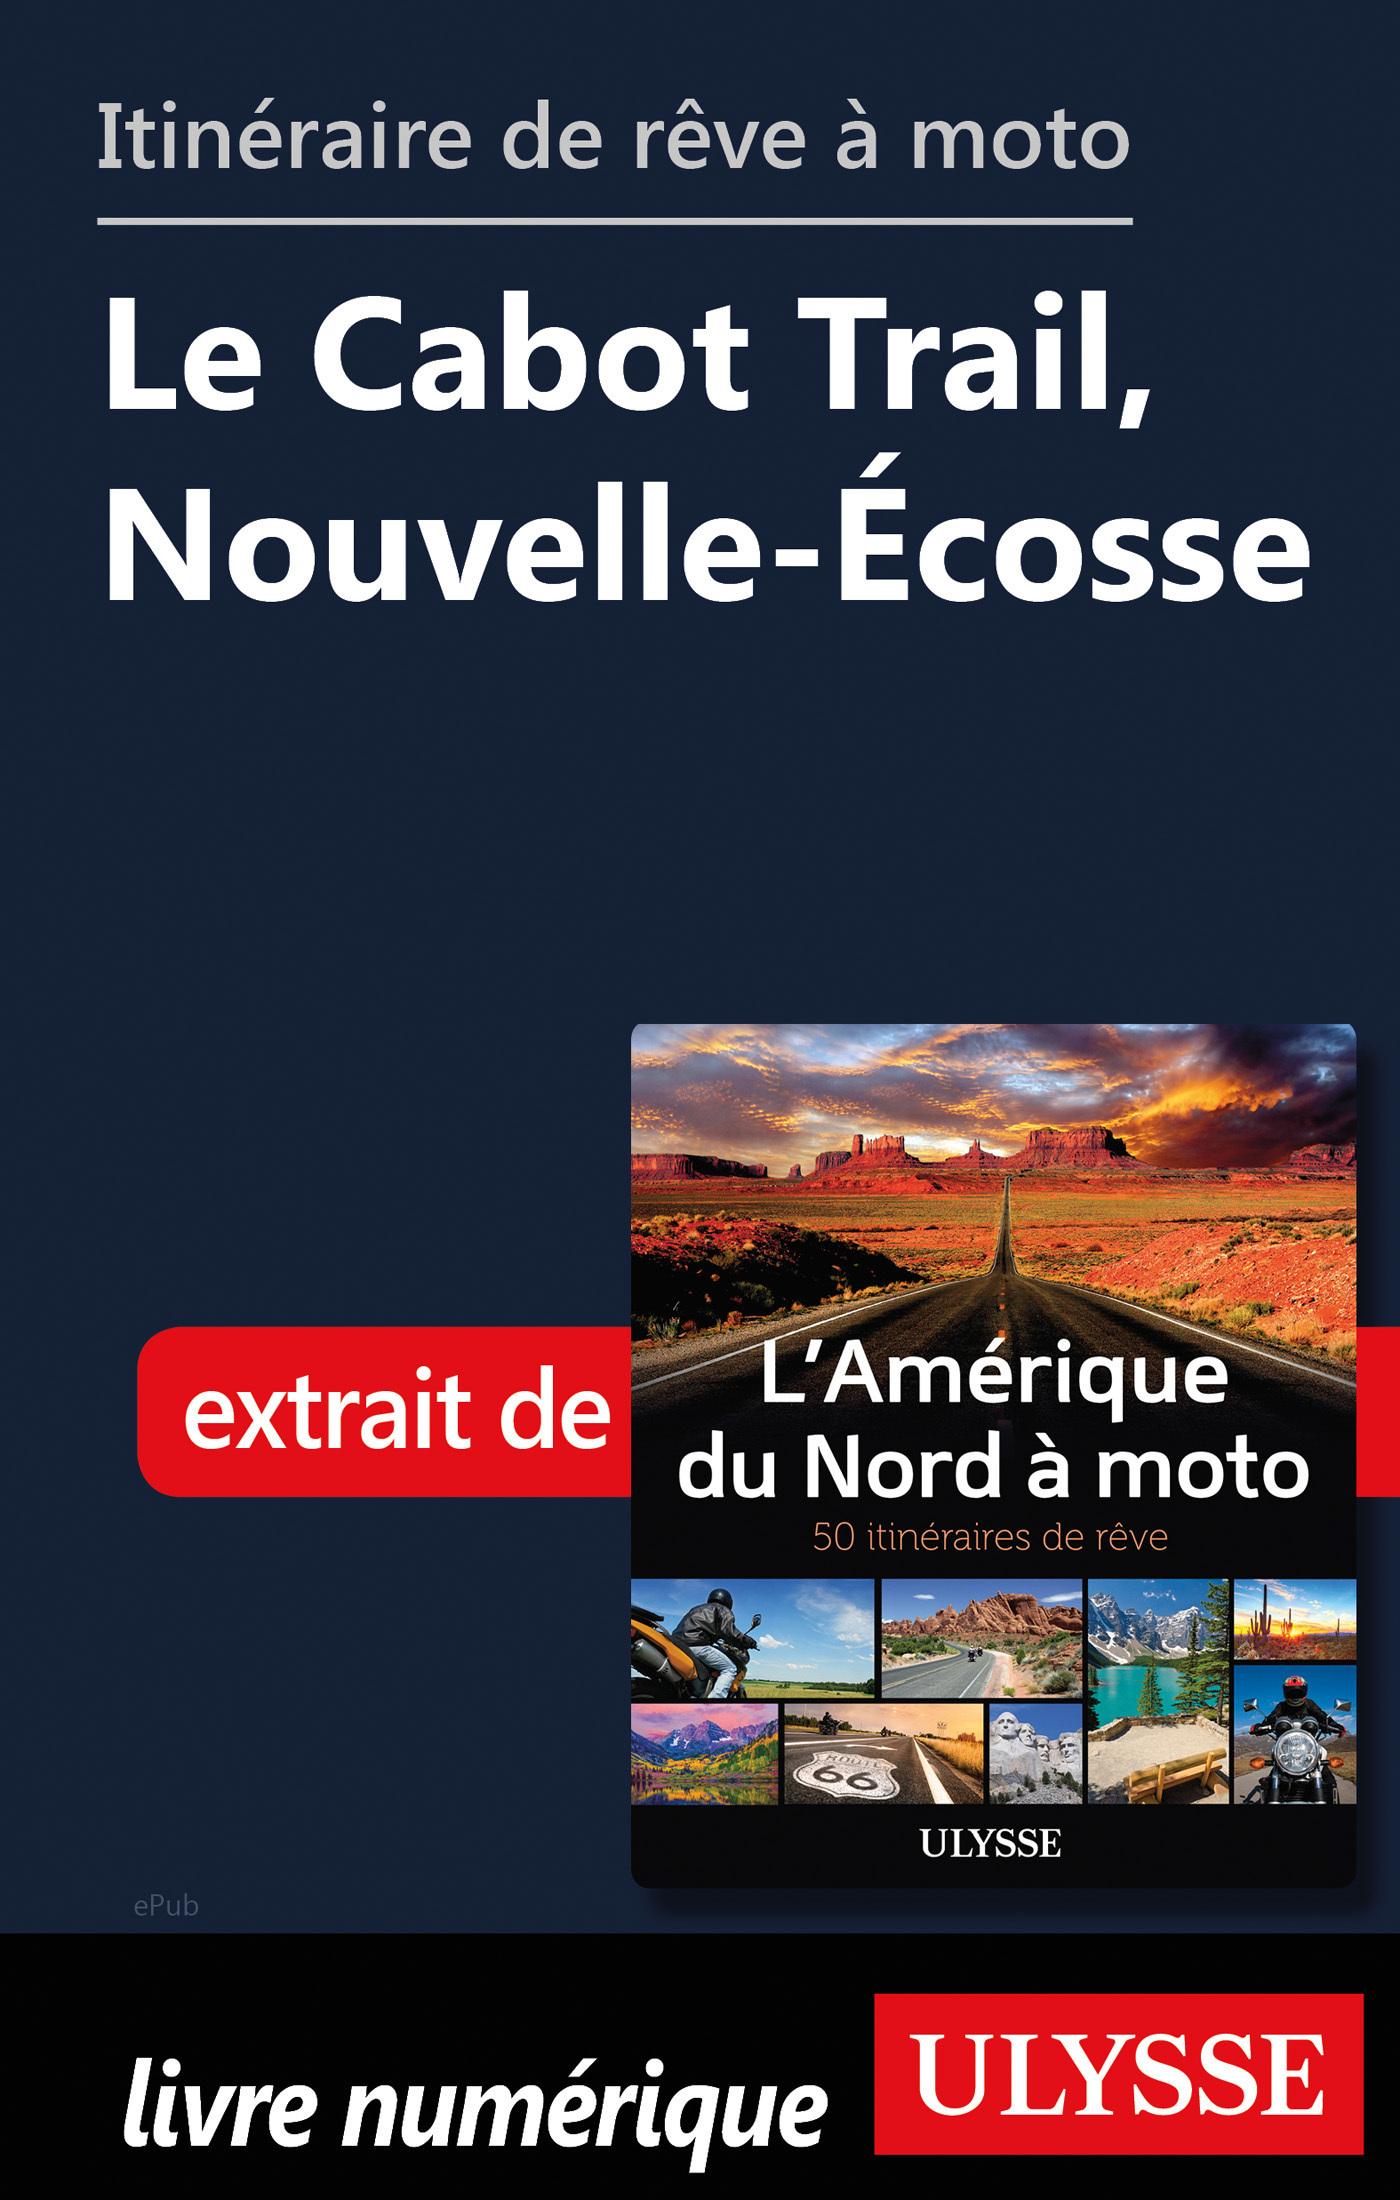 Itinéraire de rêve à moto - Le Cabot Trail, Nouvelle-Ecosse